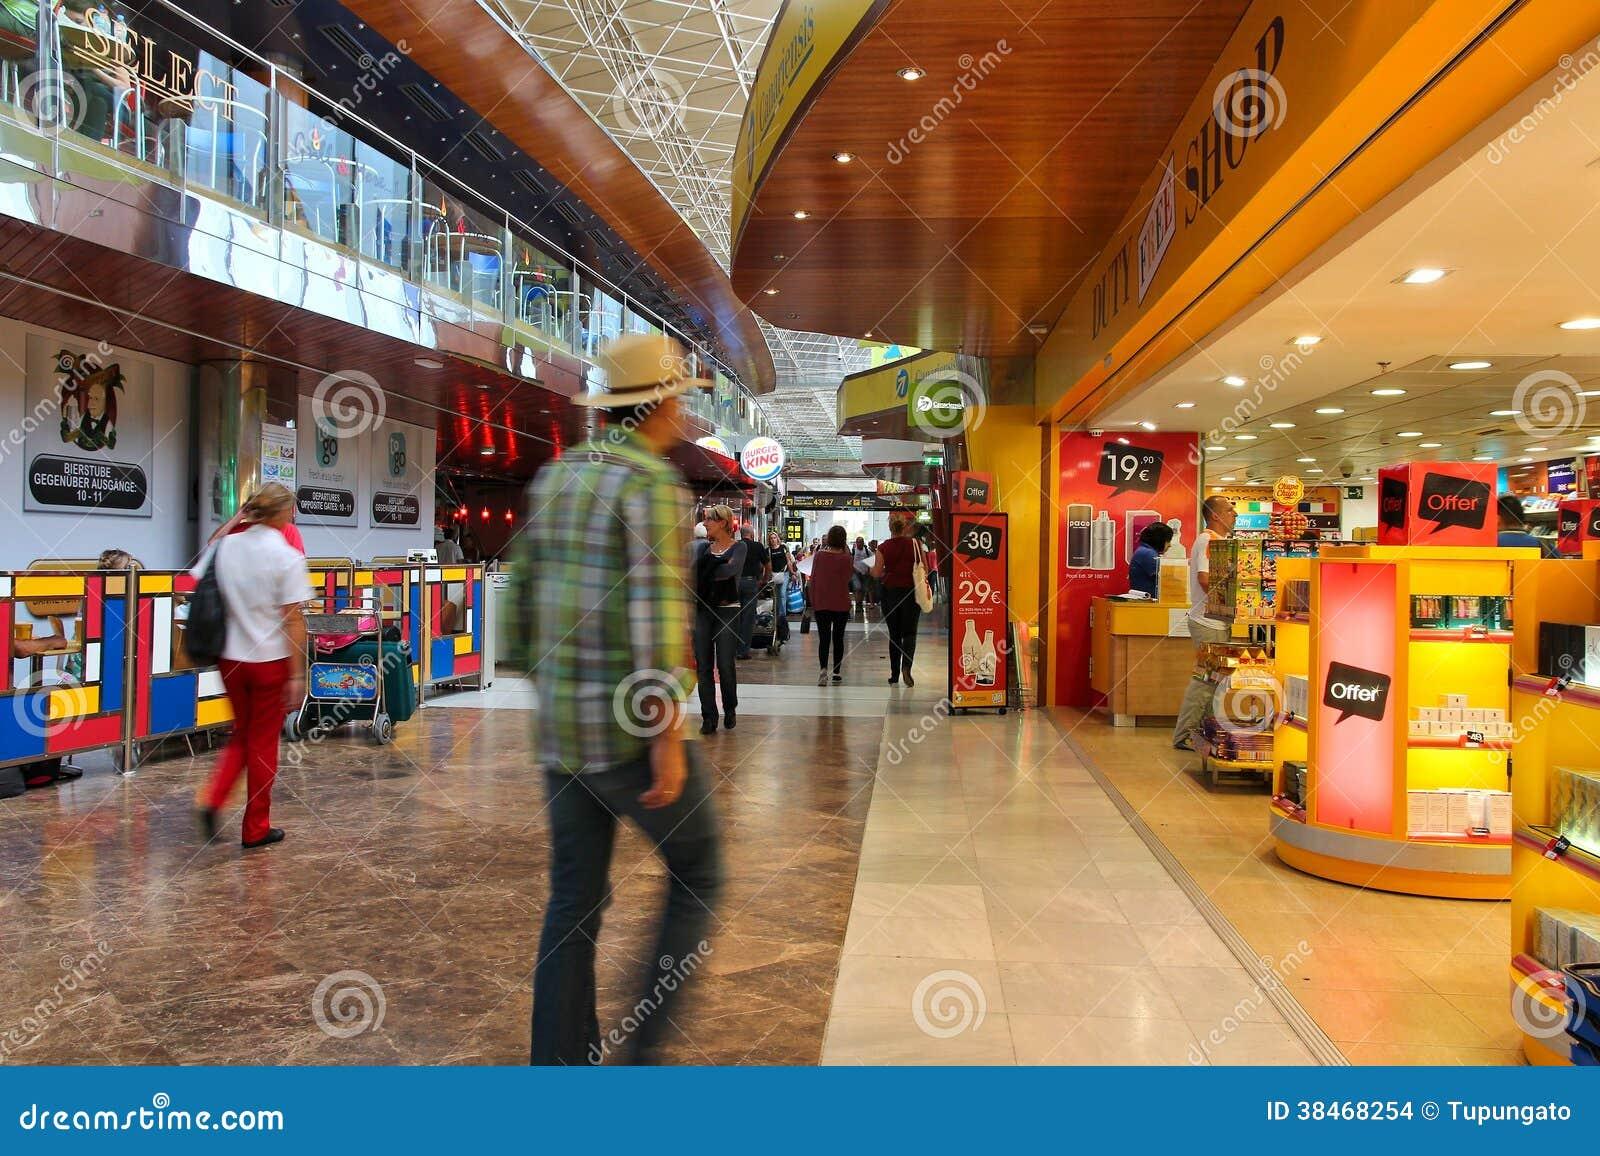 Aeroporto tenerife del sud immagine stock editoriale for Interno delle piantagioni del sud